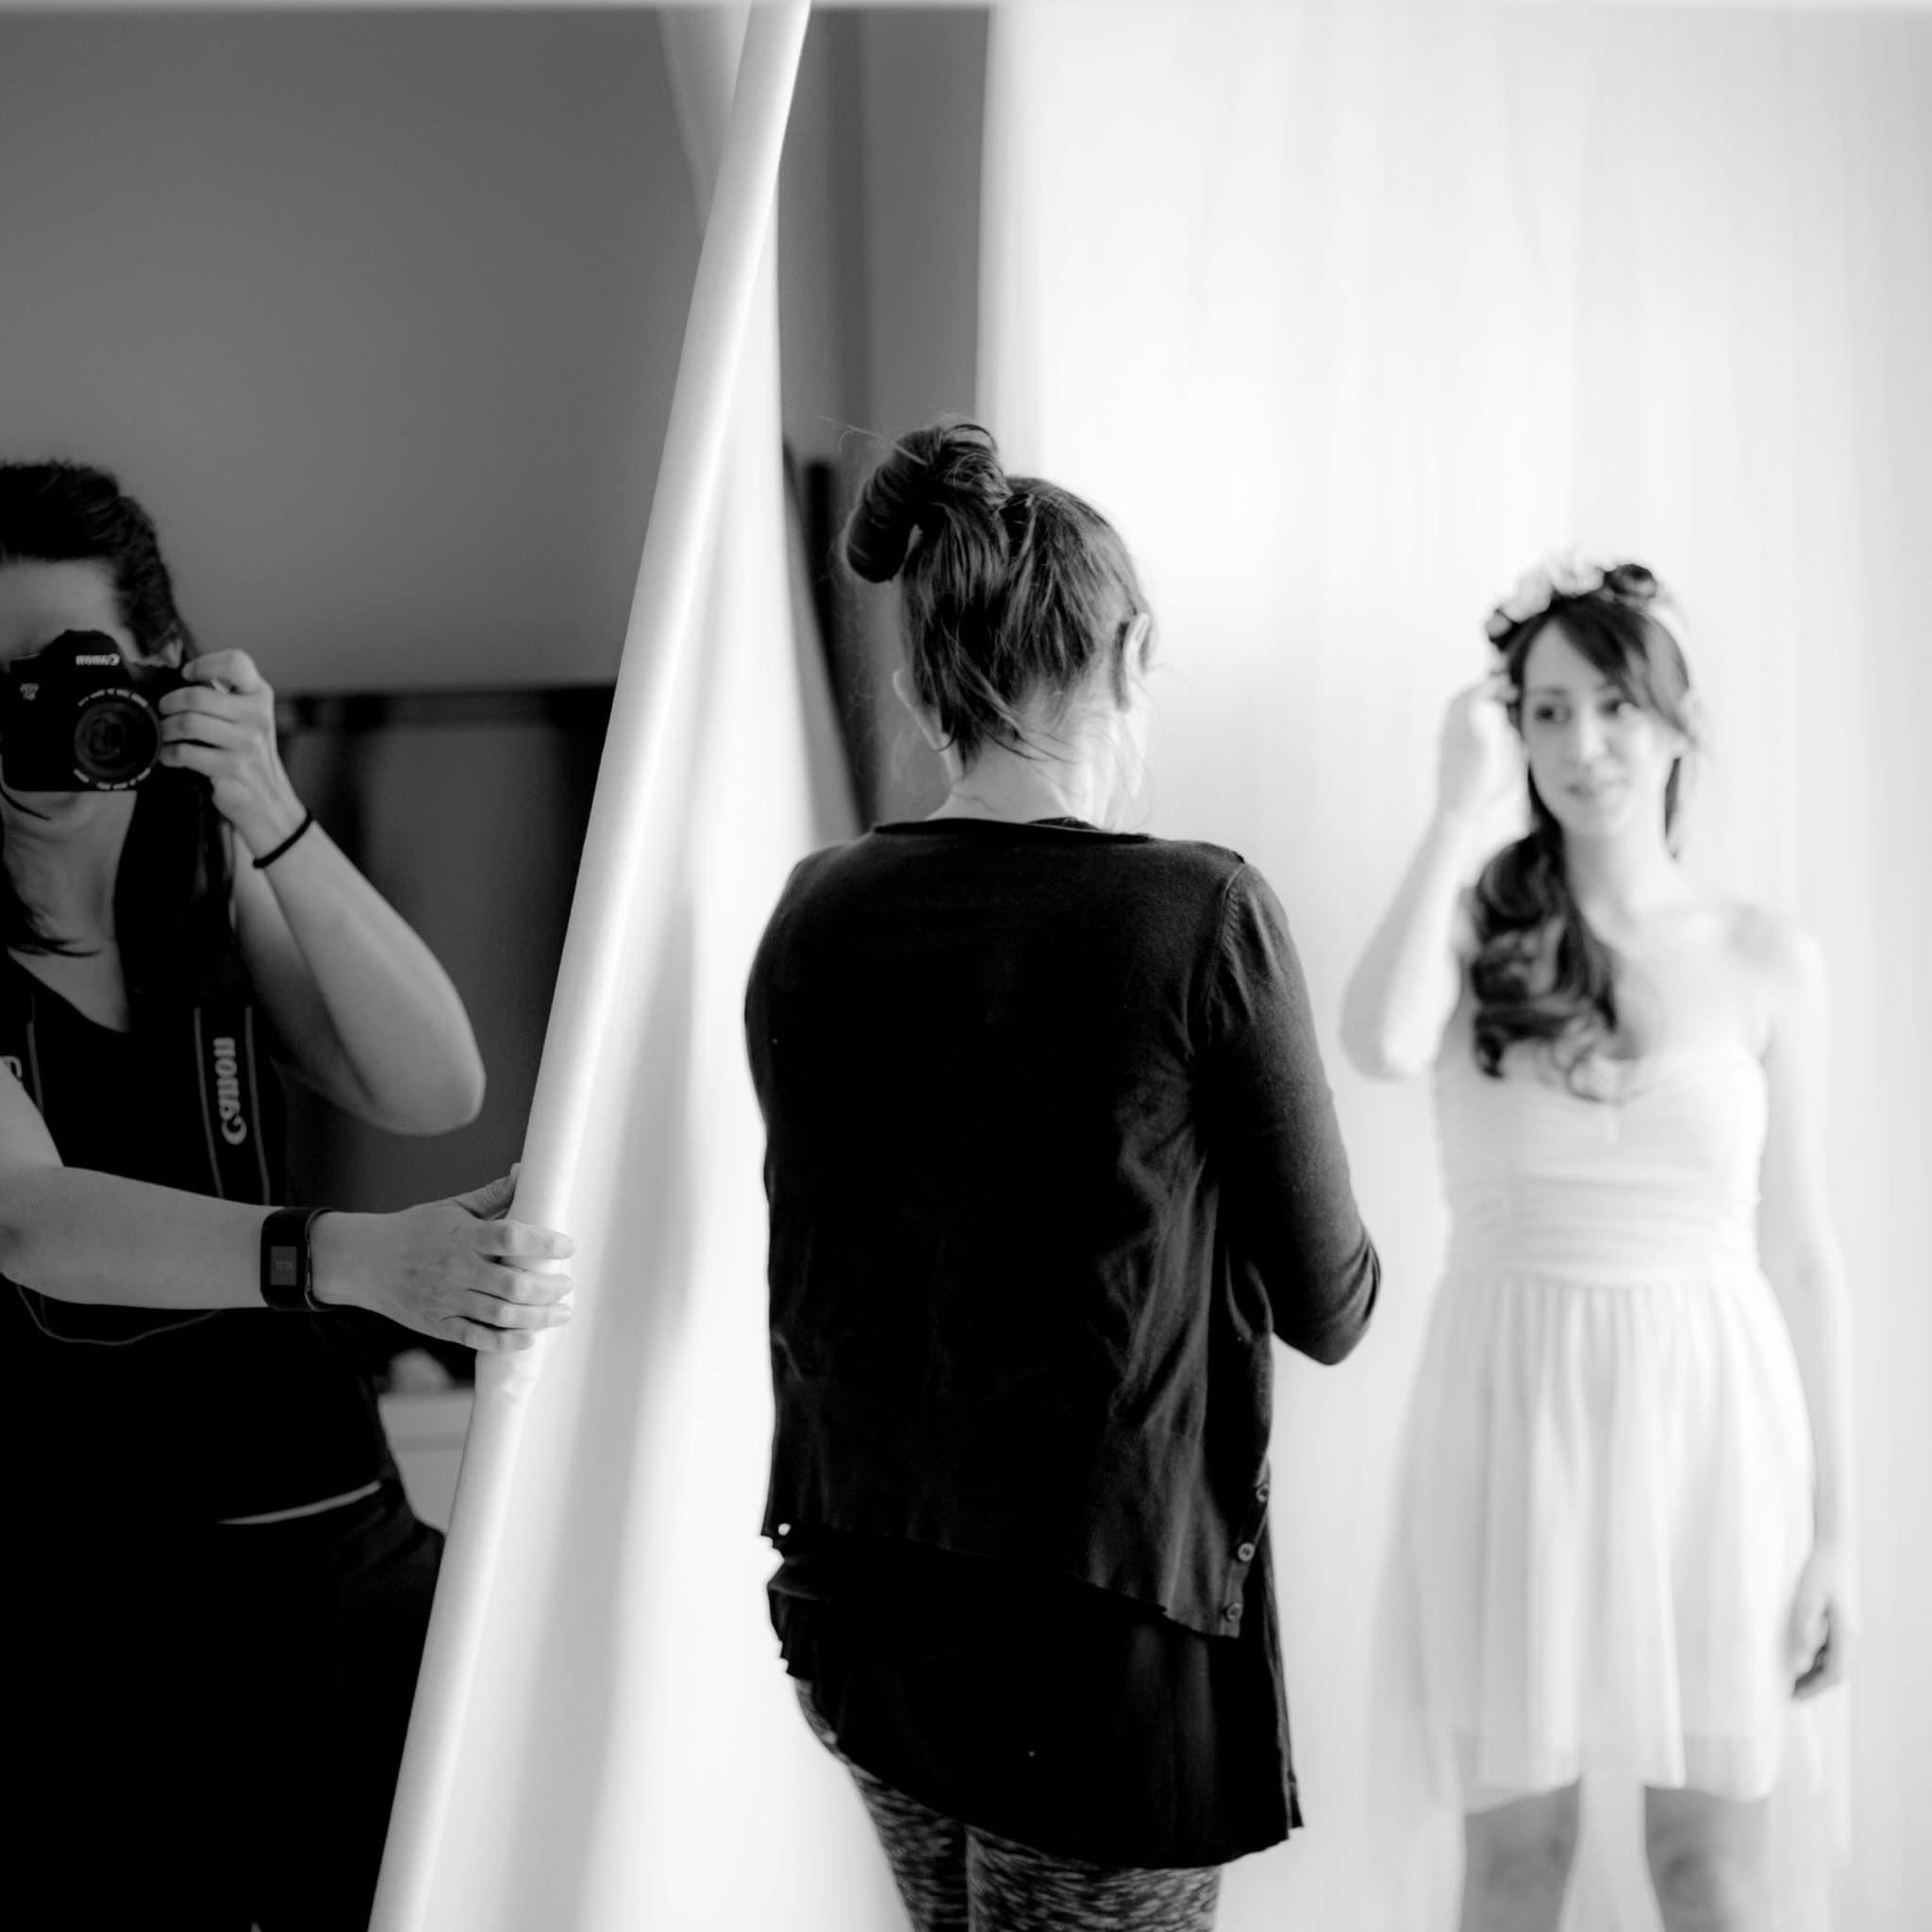 La Gallarda-estudio-fotografico-Malaga-Alhaurin-photographer- fotografo -retrato-boudoir